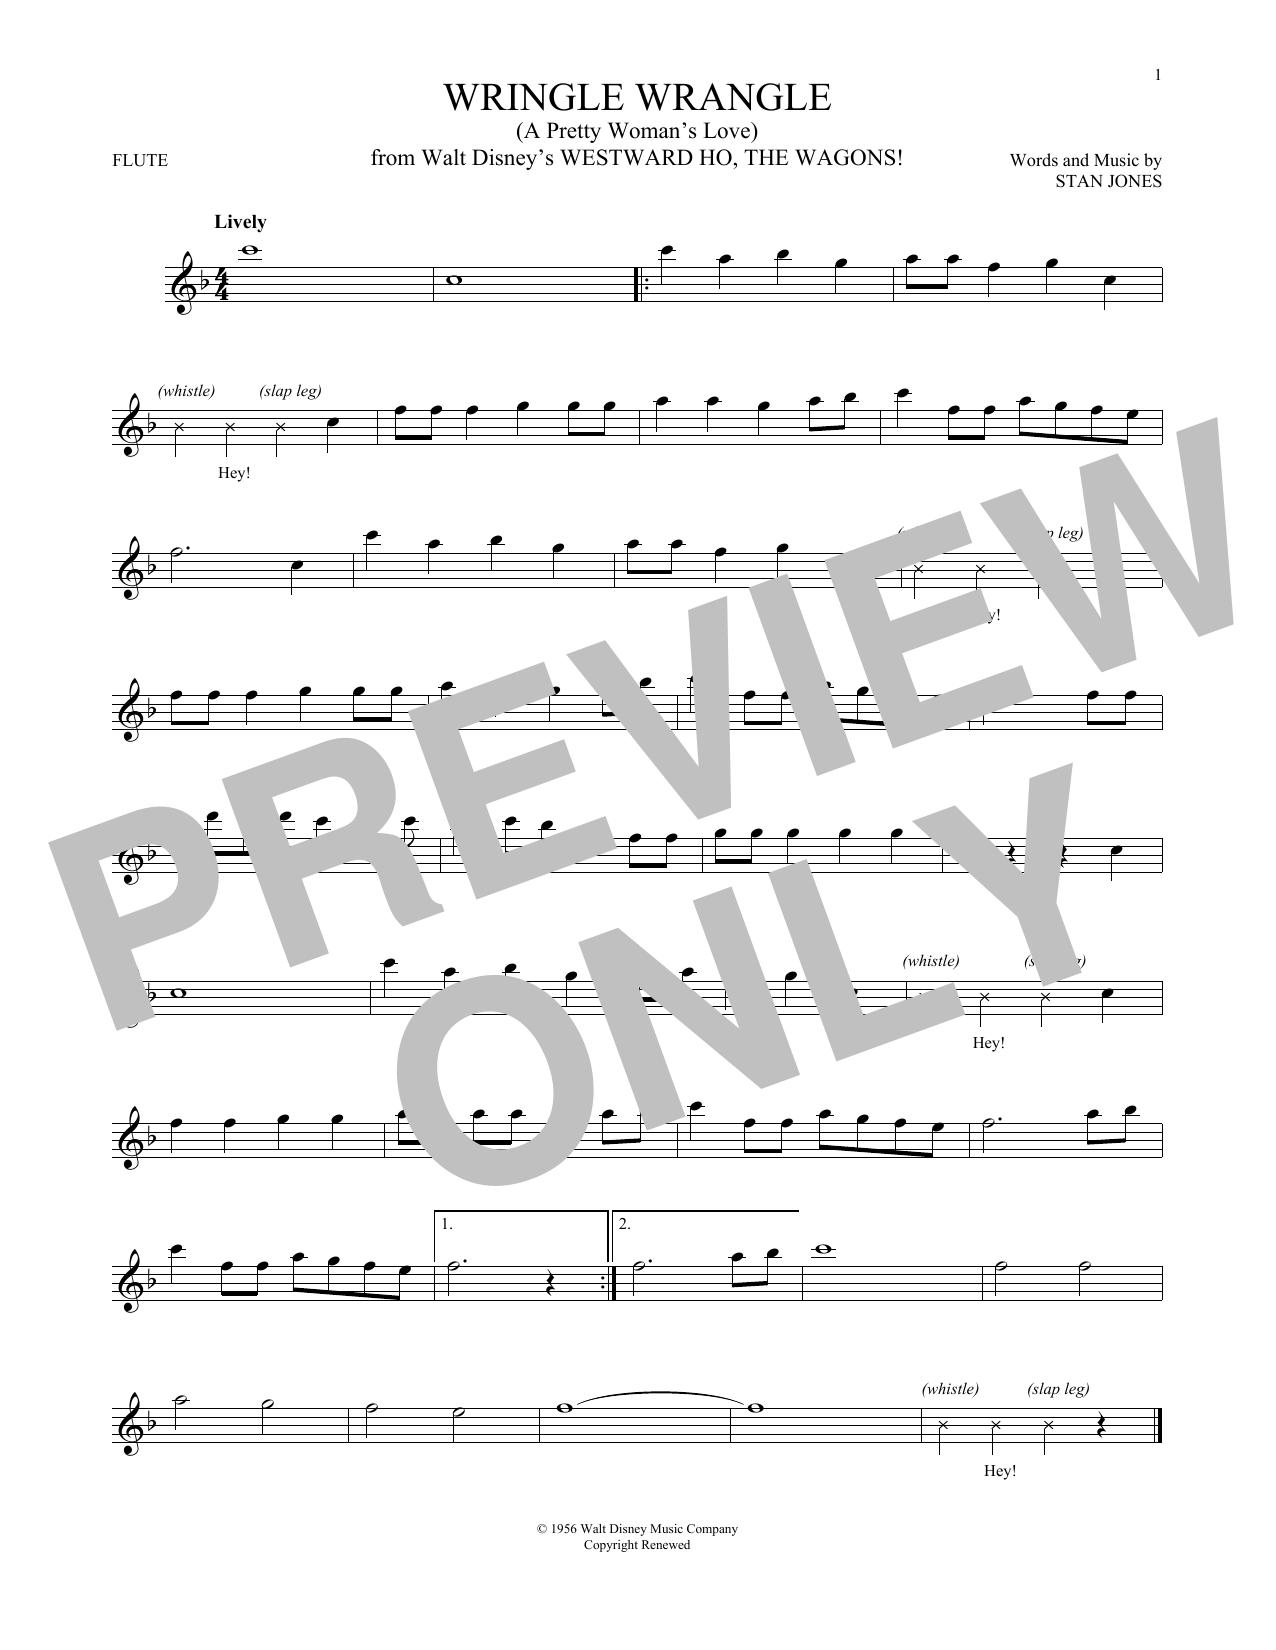 Wringle Wrangle (A Pretty Woman's Love) (Flute Solo)